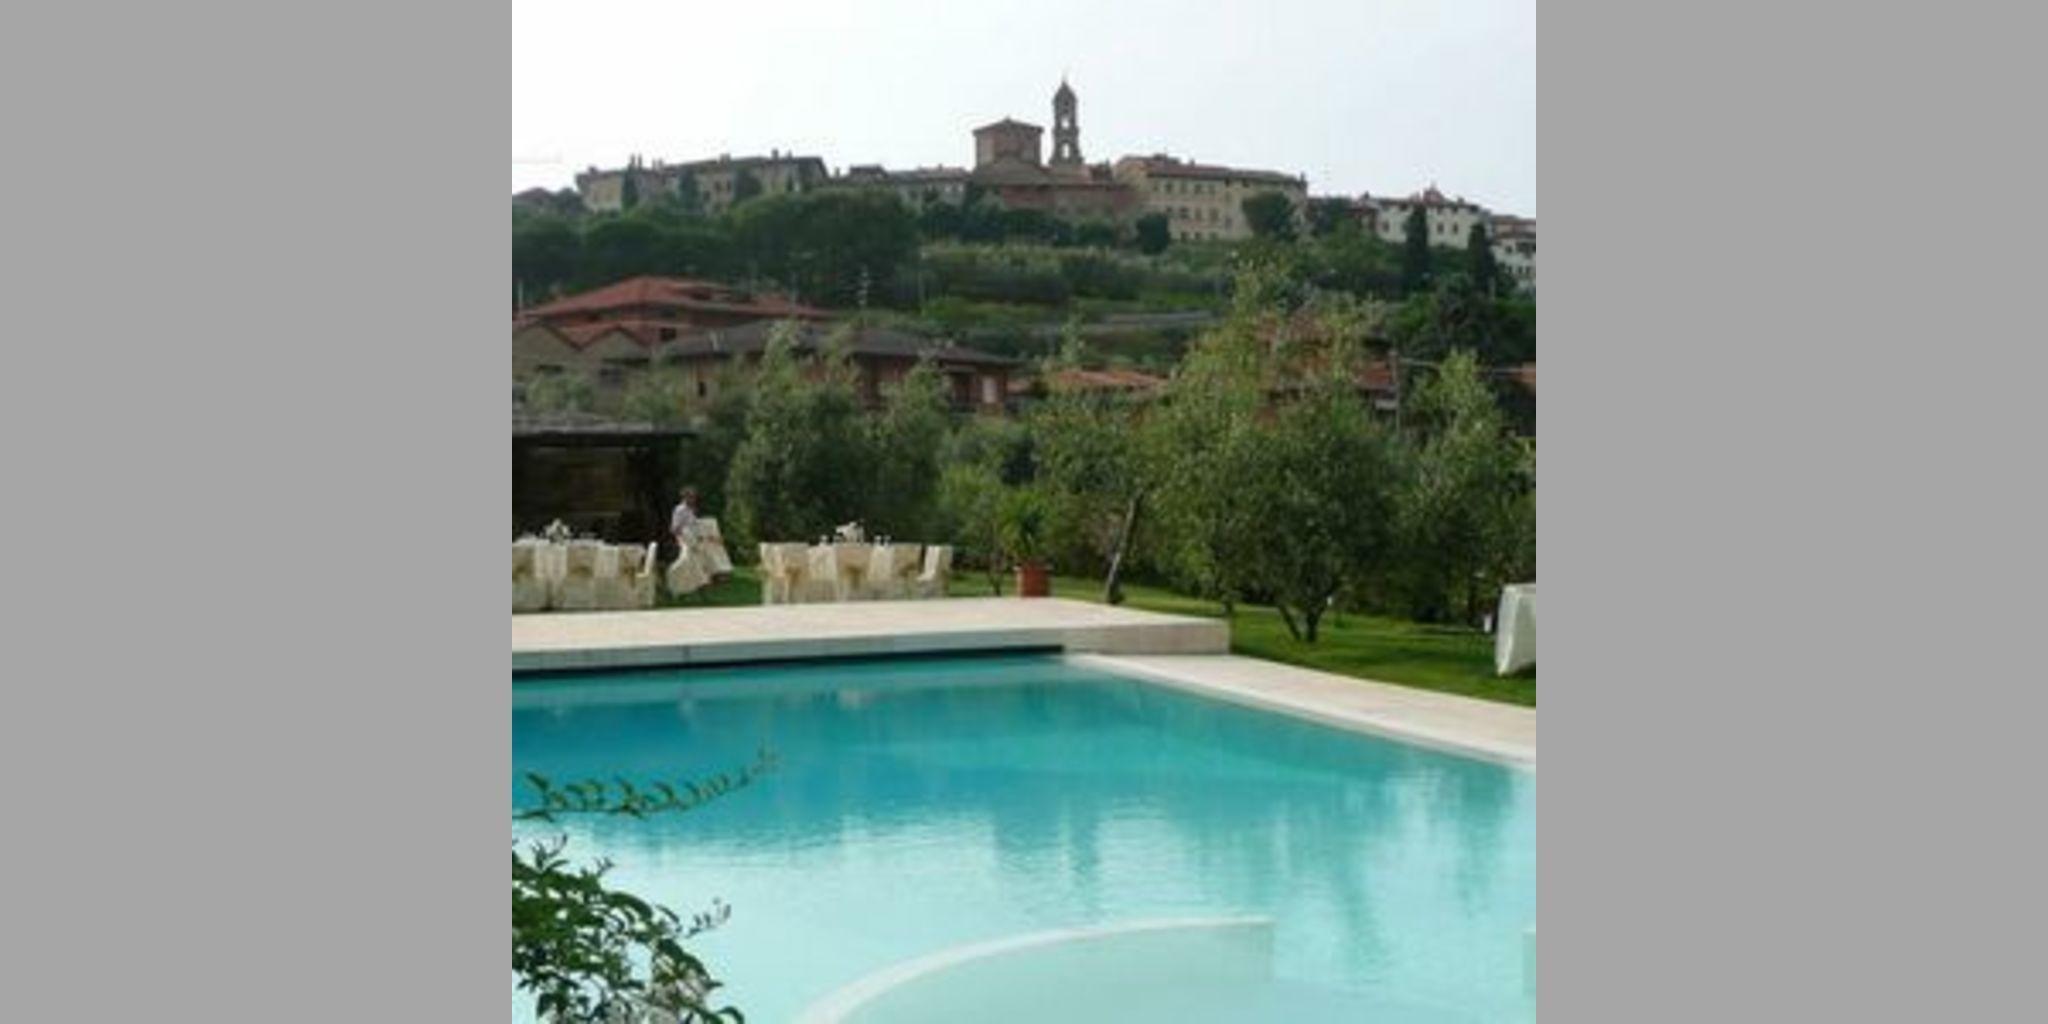 Guest House Lucignano - Lucignano 2